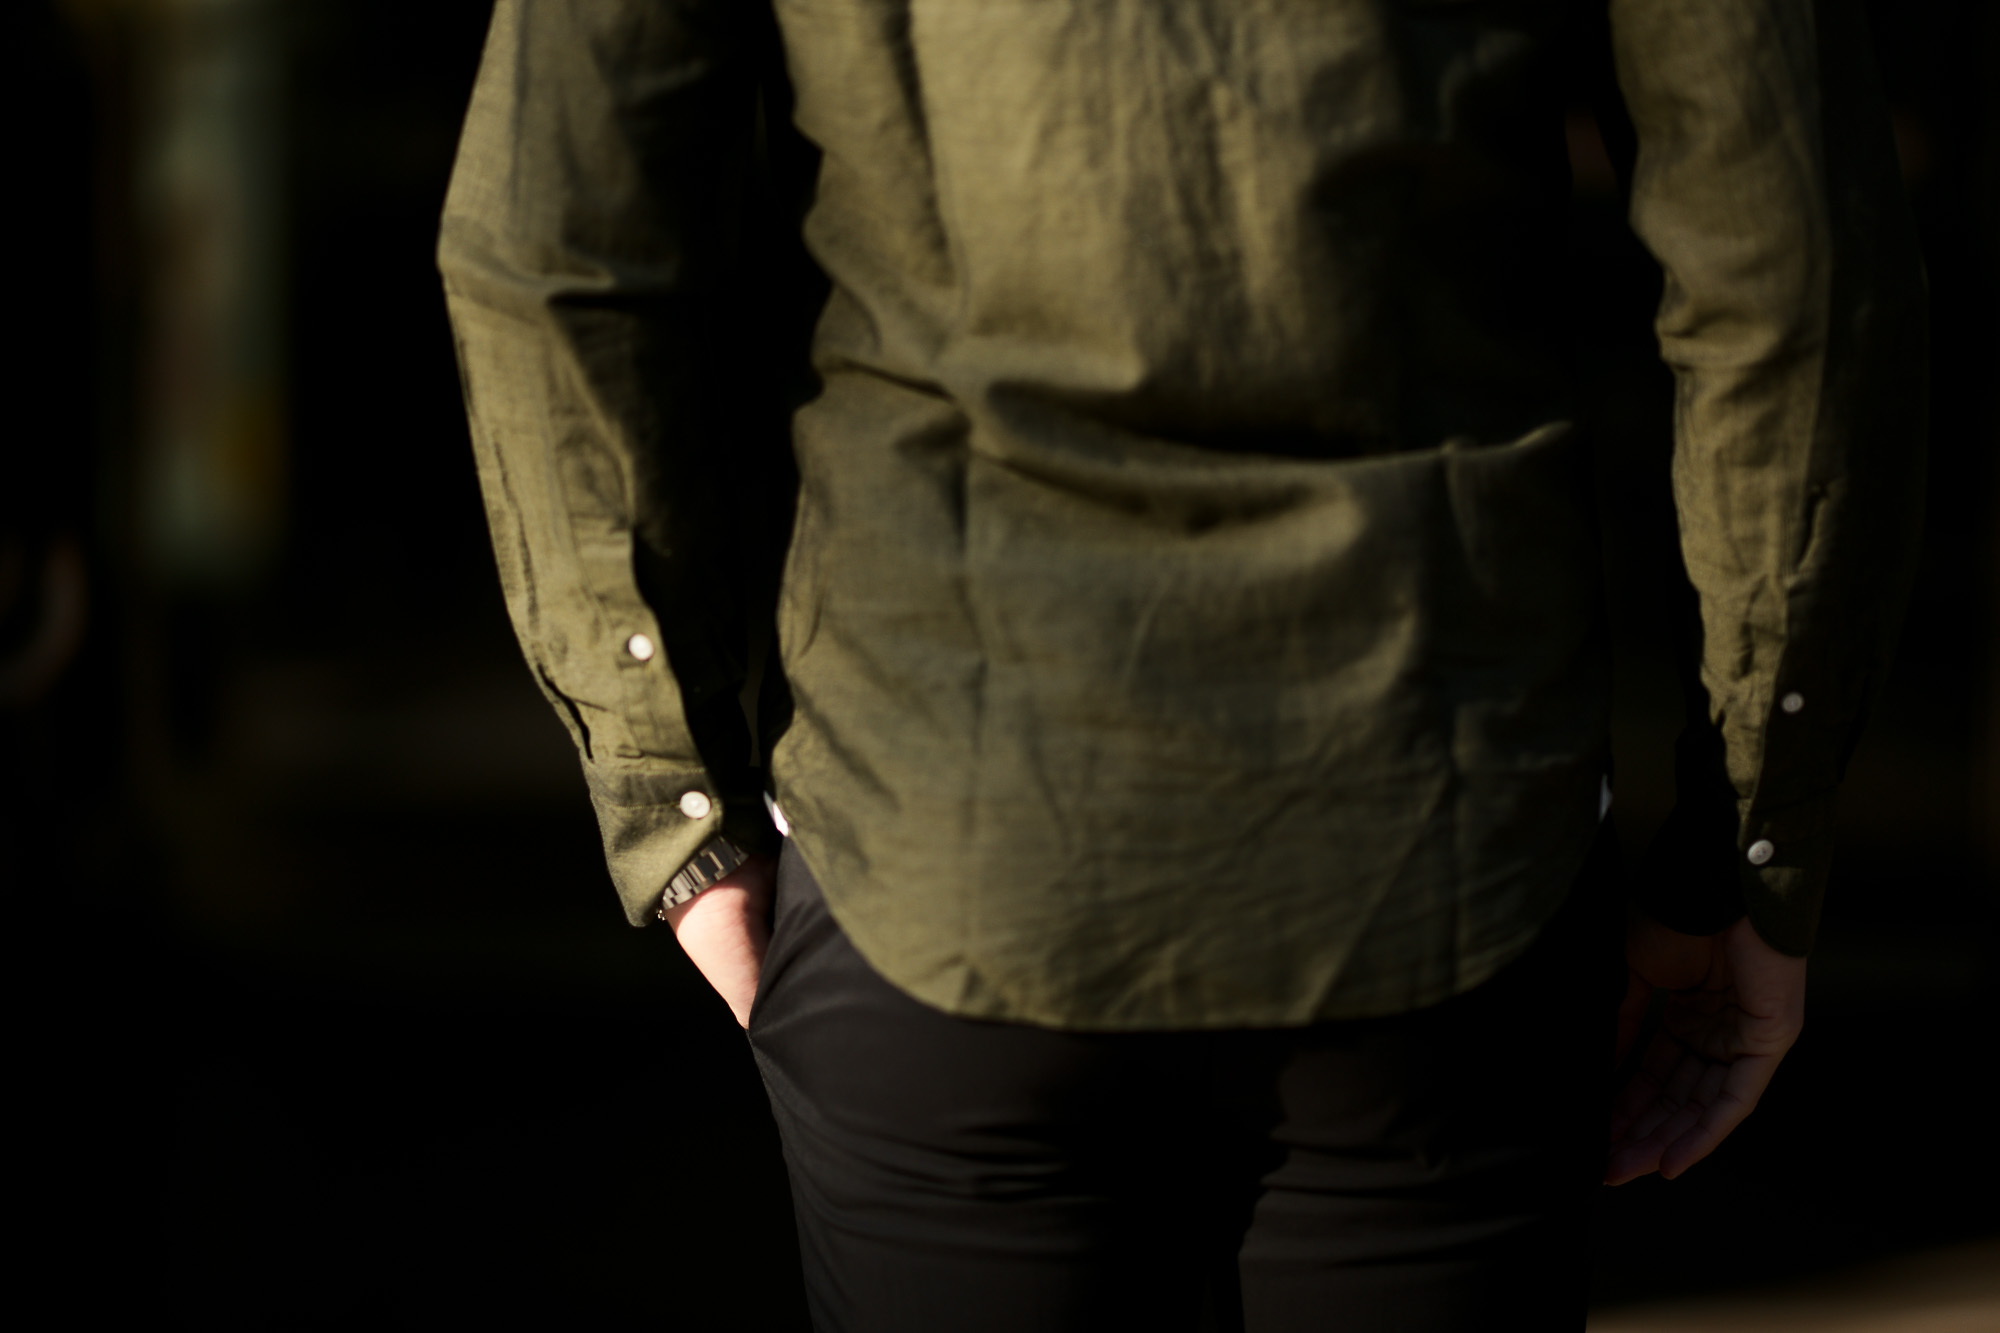 Finamore (フィナモレ) SEUL ITALIAN COLOR COTTON LINEN SHIRTS コットンリネン ワンピースカラー シャツ OLIVE (オリーブ・14) made in italy (イタリア製) 2020 春夏新作 愛知 名古屋 altoediritto アルトエデリット